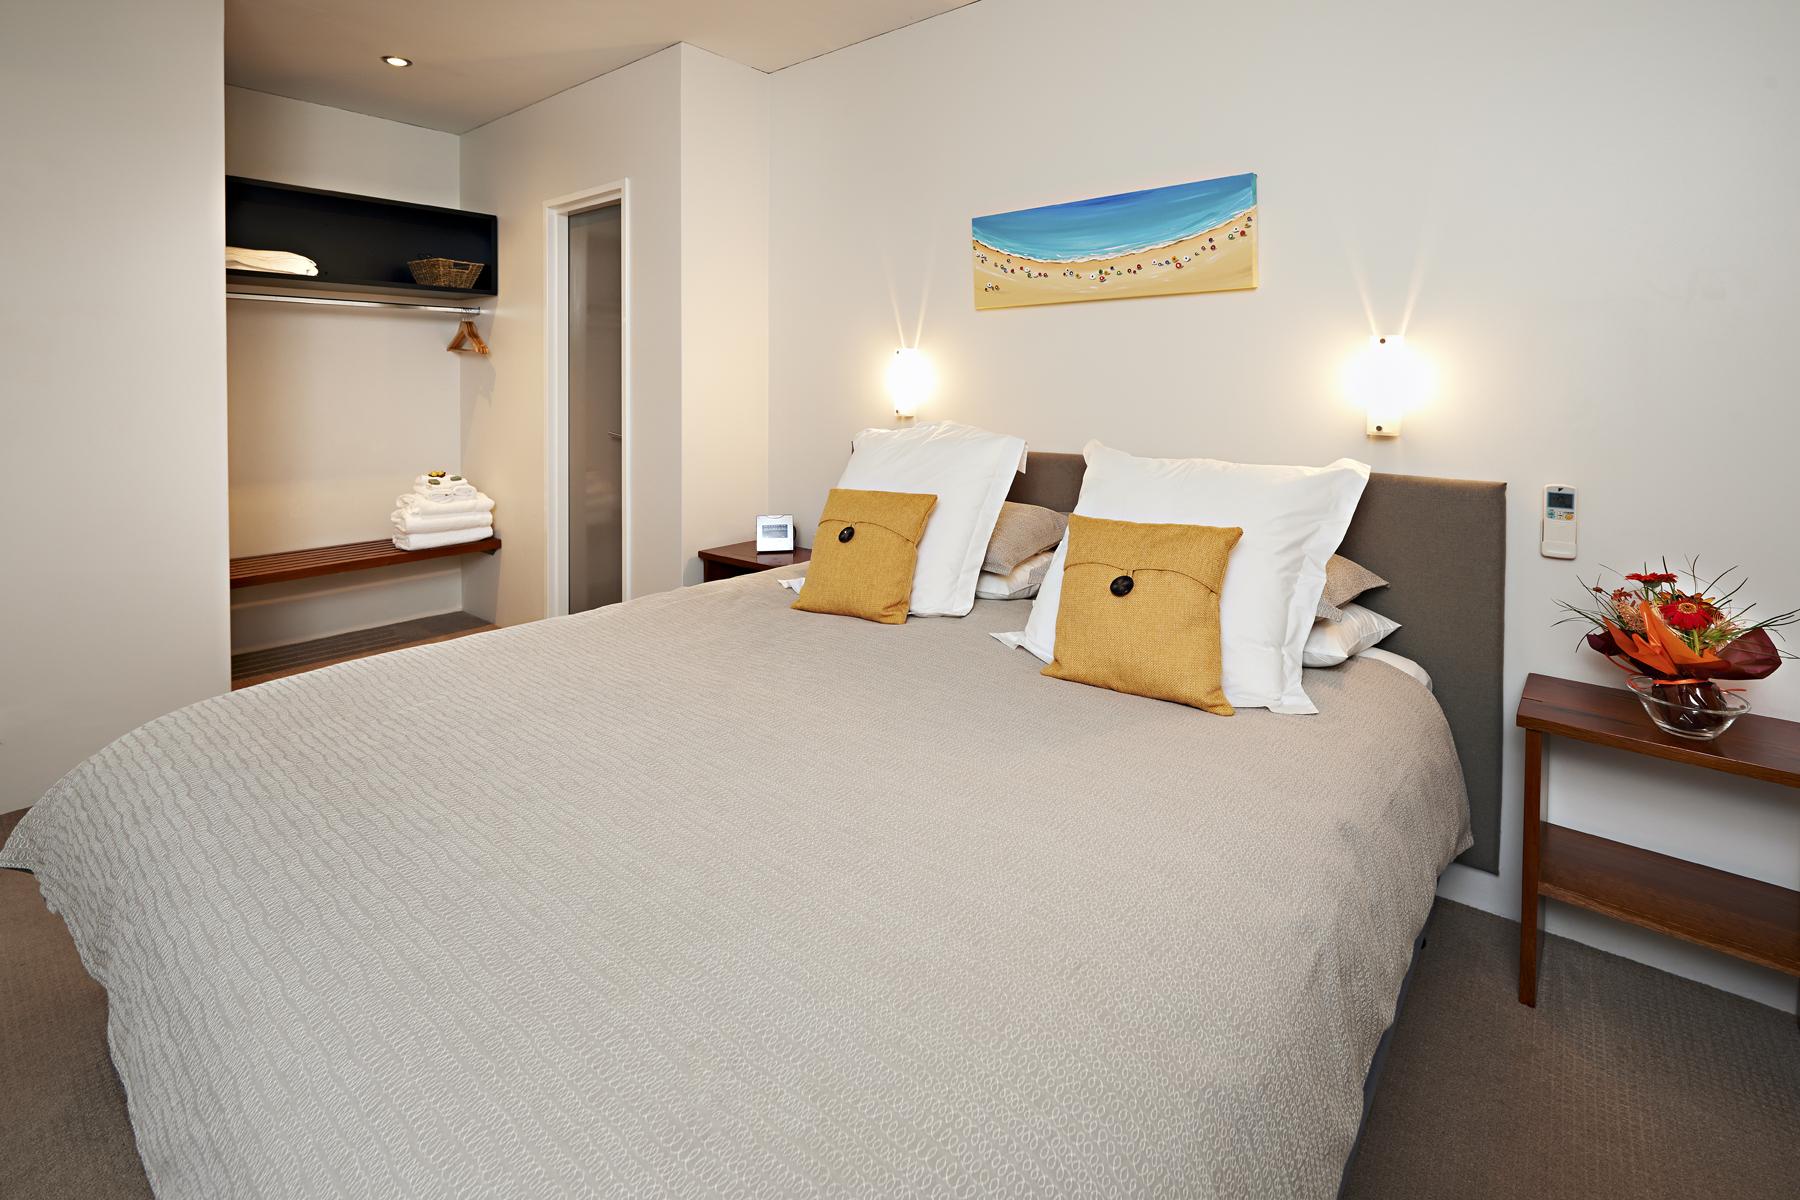 0048 - Hanover Bay Apartments - 05122013.jpg